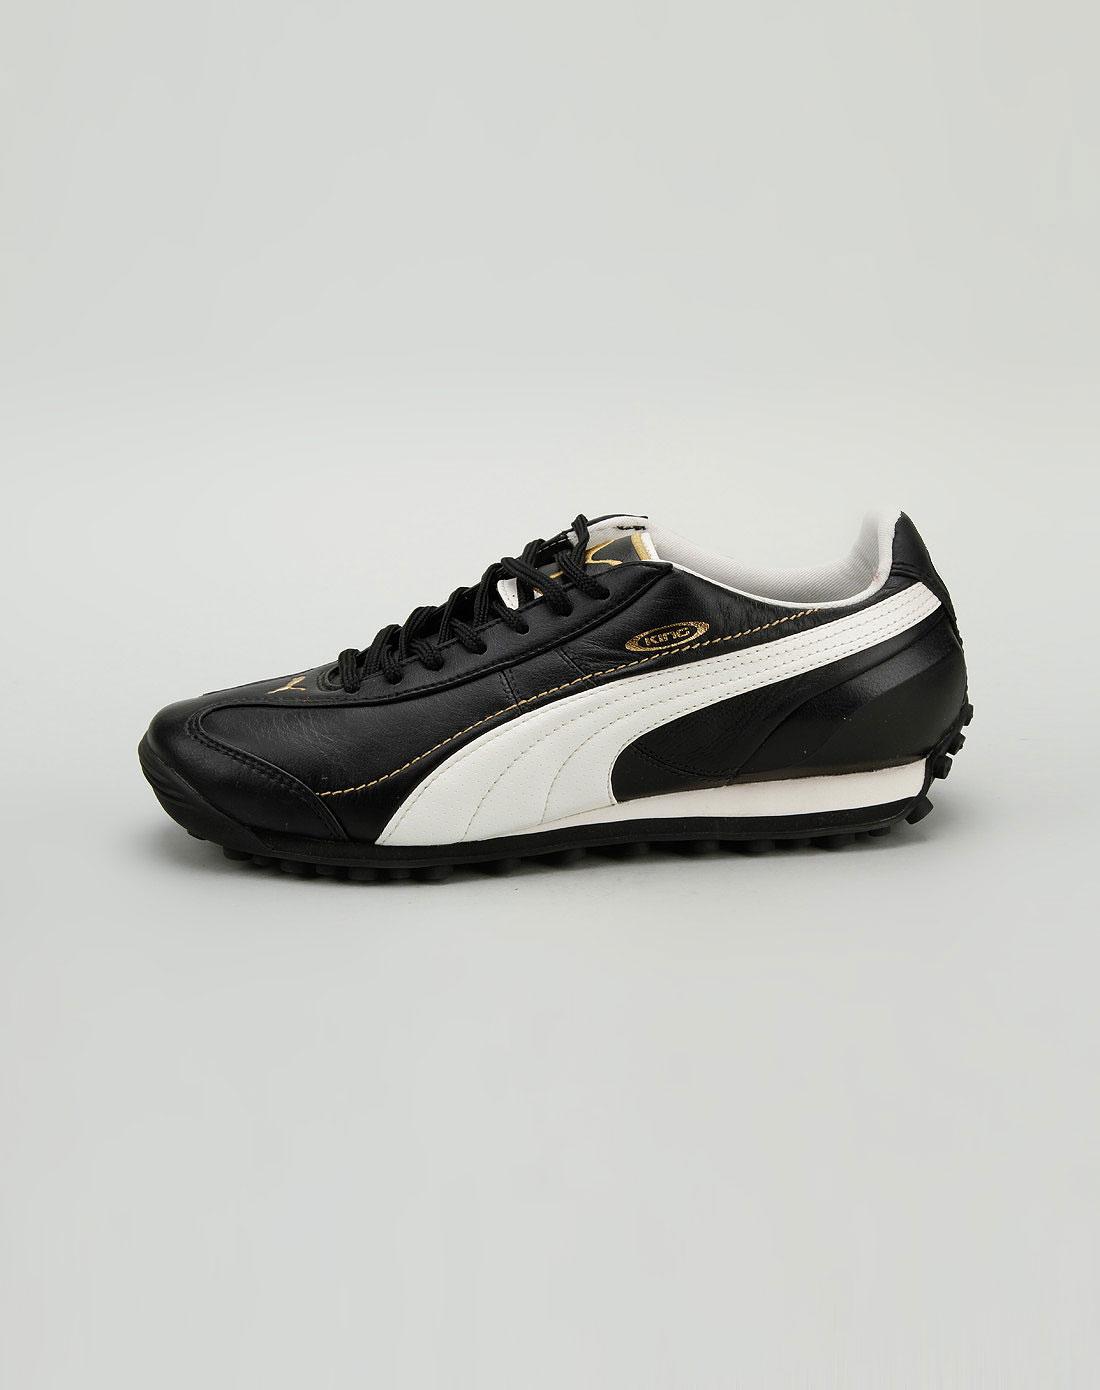 彪马puma彪马 男款黑/白色足球鞋1pu10174501